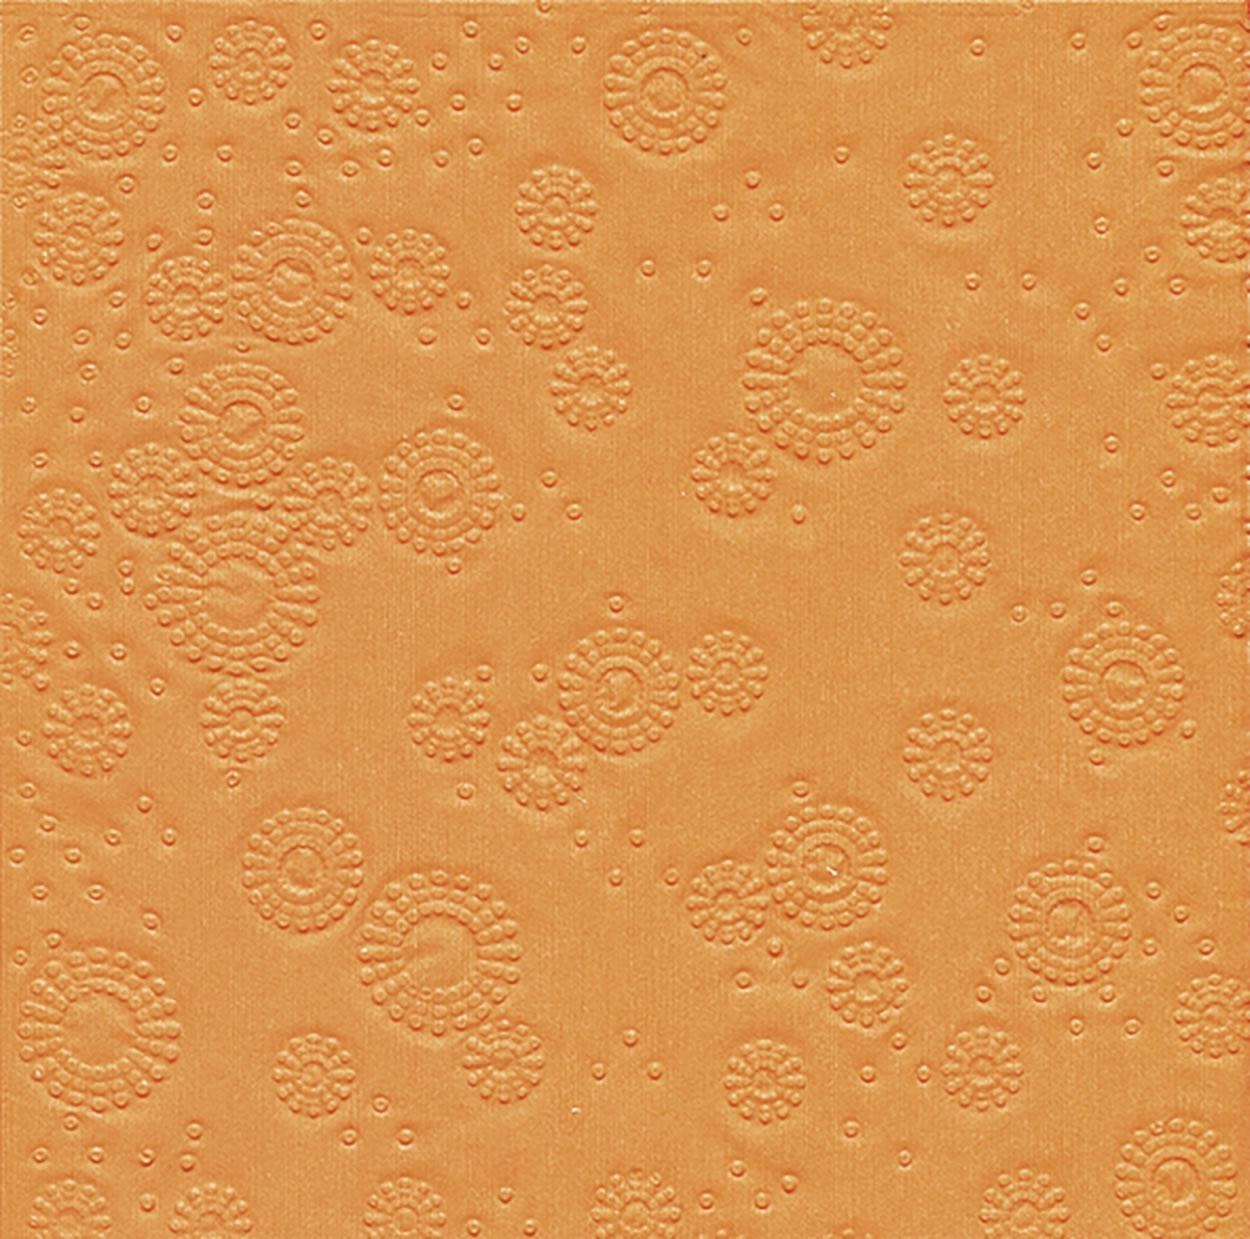 Lunch Servietten Moments Uni orange - geprägt,   geprägte Servietten,   geprägte Servietten,  Everyday,  lunchservietten